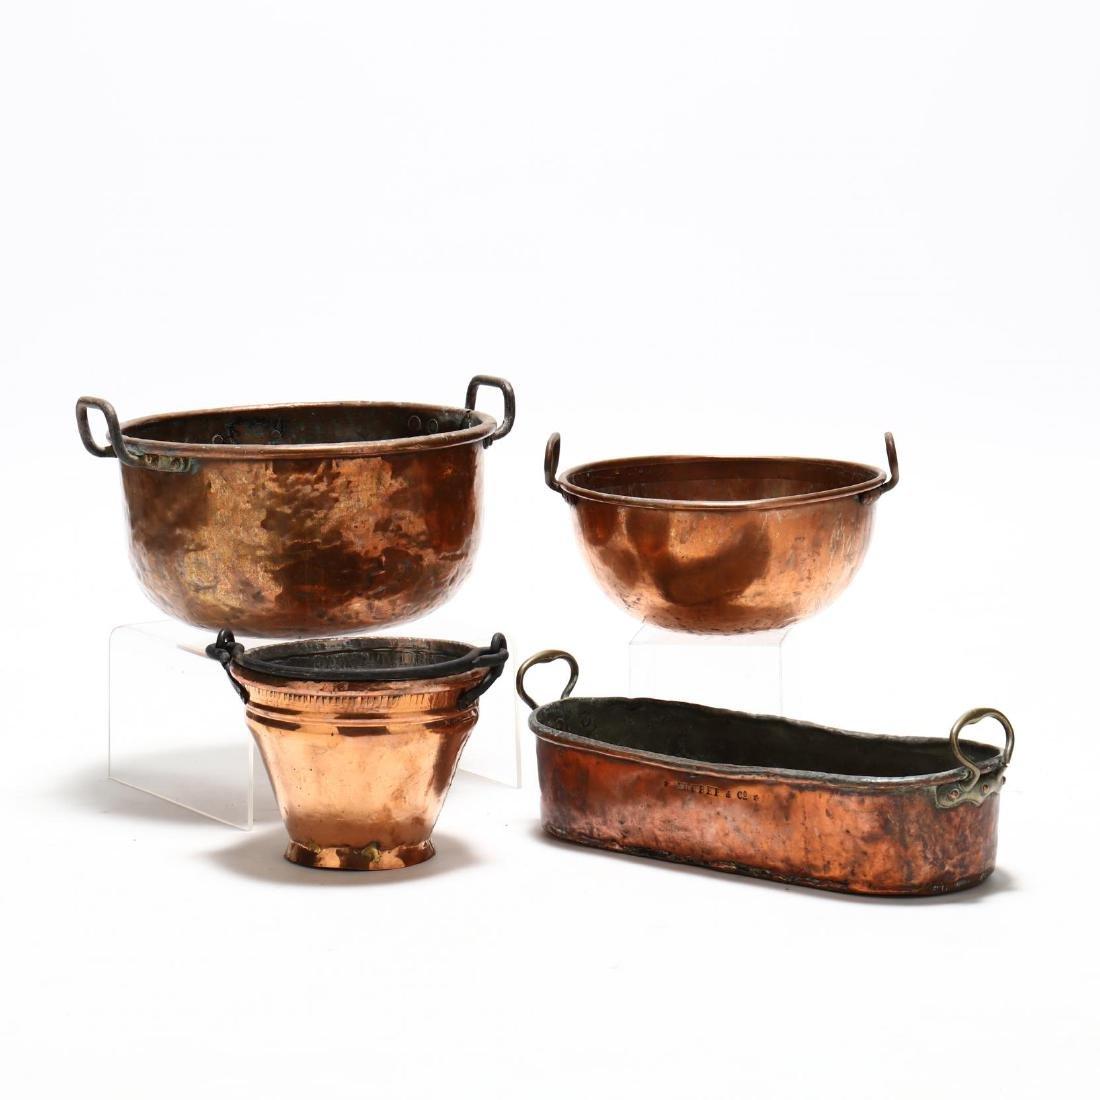 Four Antique Copper Vessels